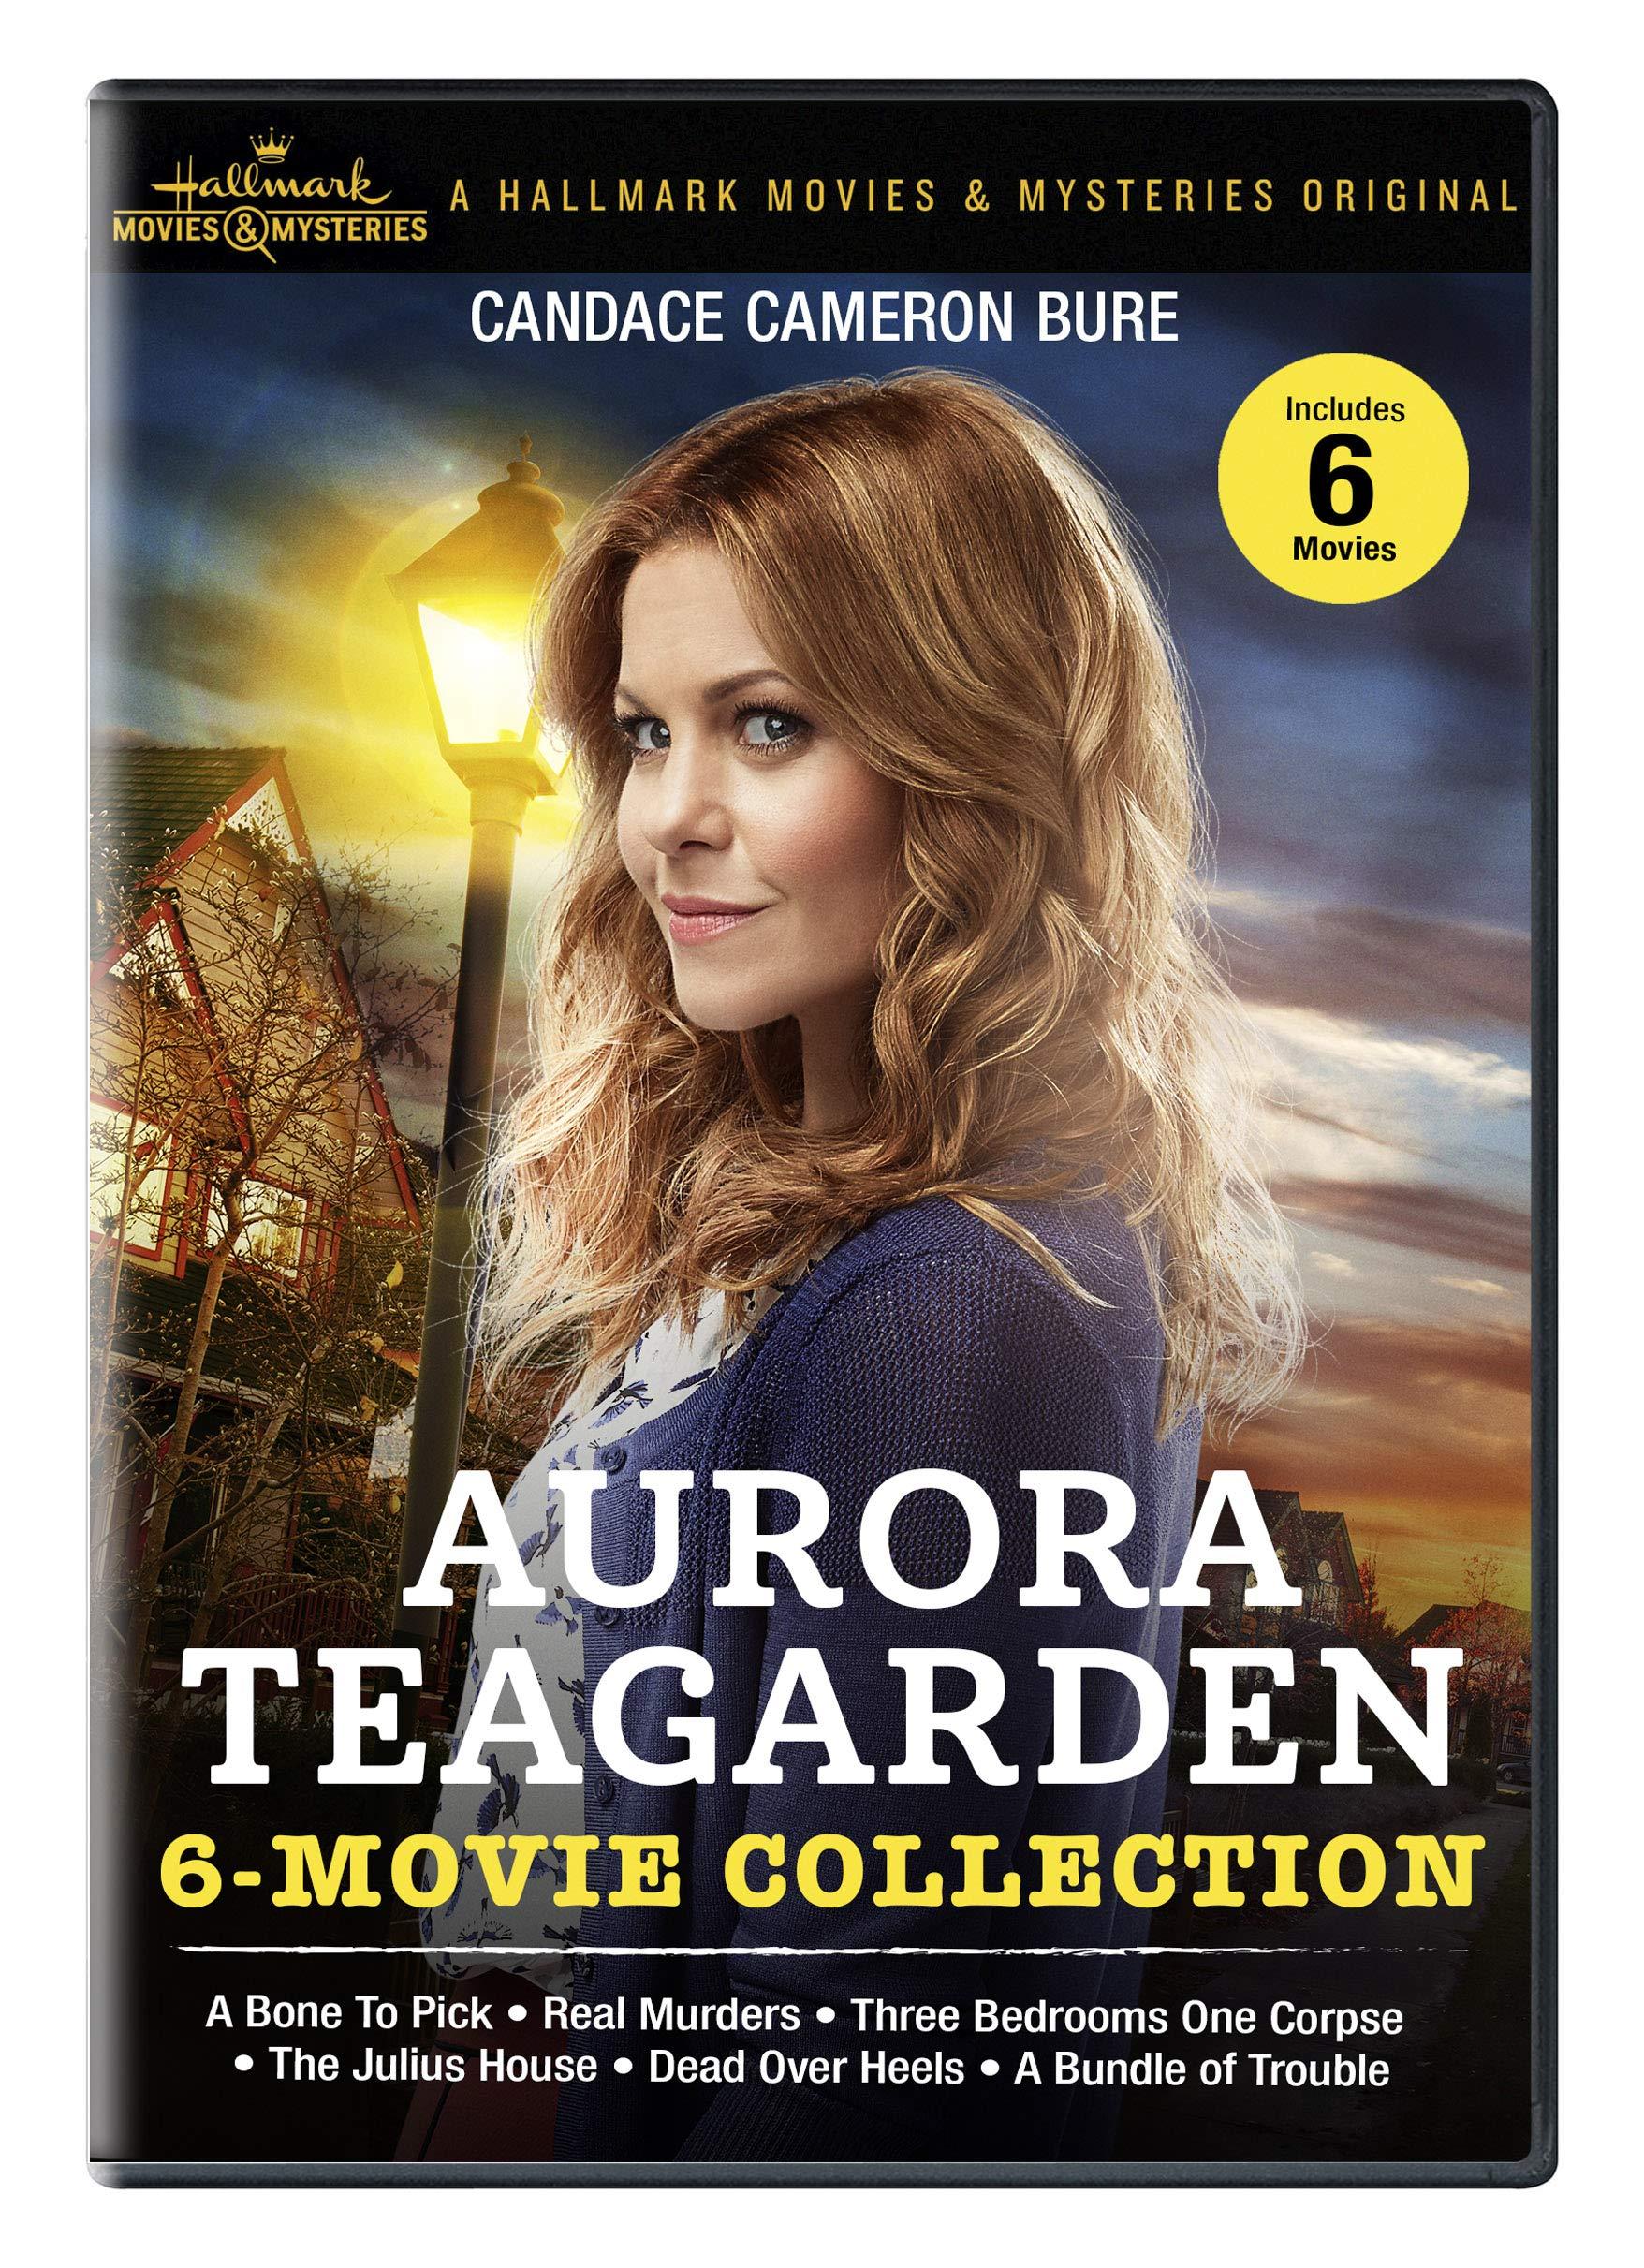 Aurora Teagarden: 6-Movie Collection